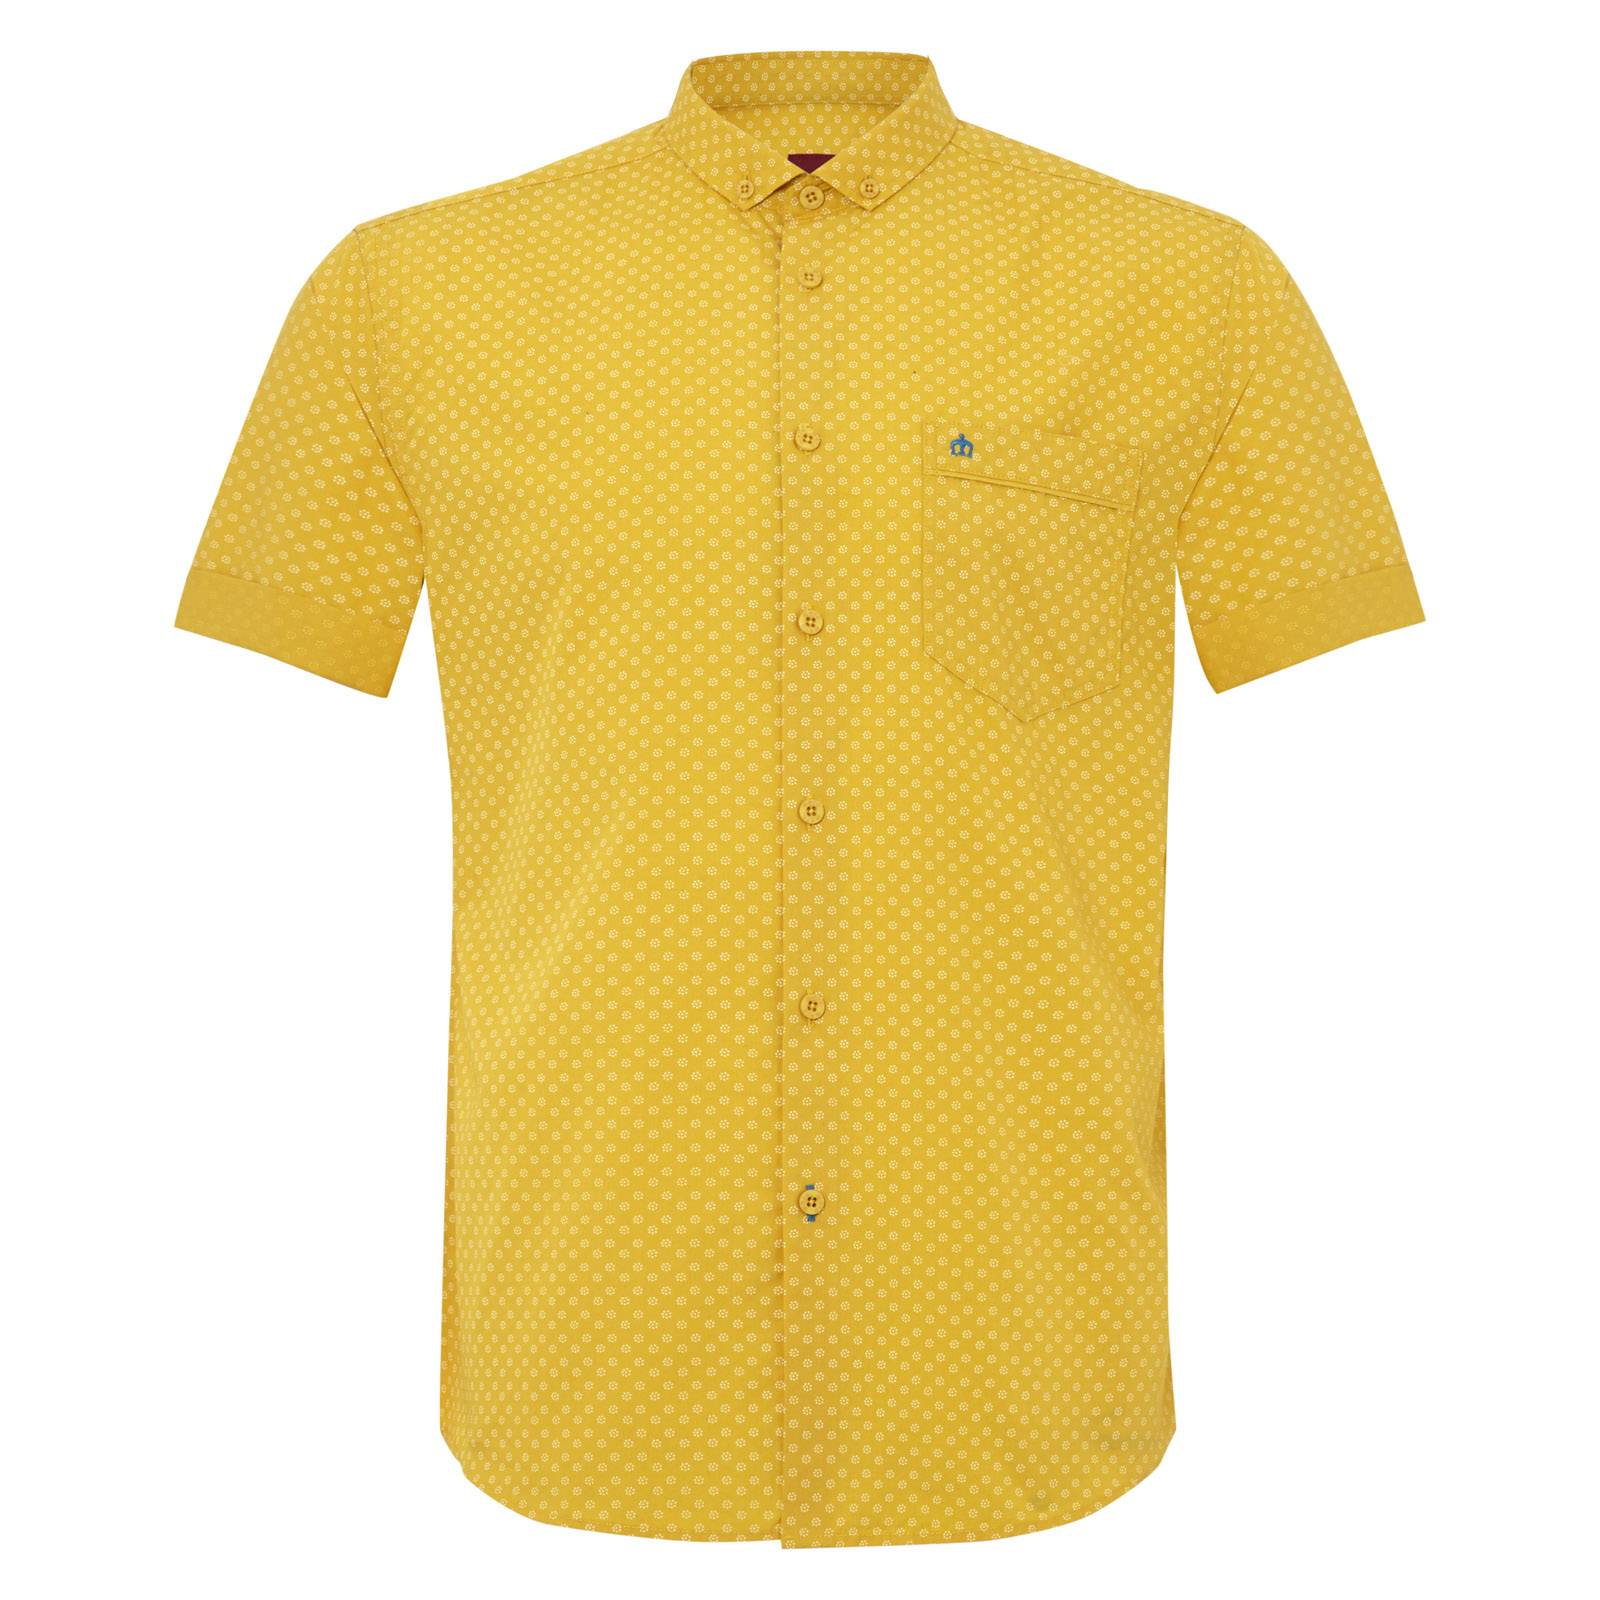 Рубашка ThorpeРубашки<br>Приталенная рубашка с аккуратным, укороченным воротником «баттен-даун» и легким, ненавязчивым цветочным принтом. Рукава рубашки подвернуты, немного заужены и не торчат в стороны, облегая руку.&amp;lt;br /&amp;gt;<br>&amp;lt;br /&amp;gt;<br>Нагрудный карман декорирован контрастным, вышитым желтыми нитями логотипом-корона и узкой однотонной синей накладкой, гармонирующей с отворотом рукавов. &amp;lt;br /&amp;gt;<br>&amp;lt;br /&amp;gt;<br>Яркие, летние цвета и фигурный низ изделия позволяют носить эту рубашку навыпуск, комбинируя со светлыми чиносами или шортами.<br><br>Артикул: 1514109<br>Материал: 100% хлопок<br>Цвет: желтый<br>Пол: Мужской